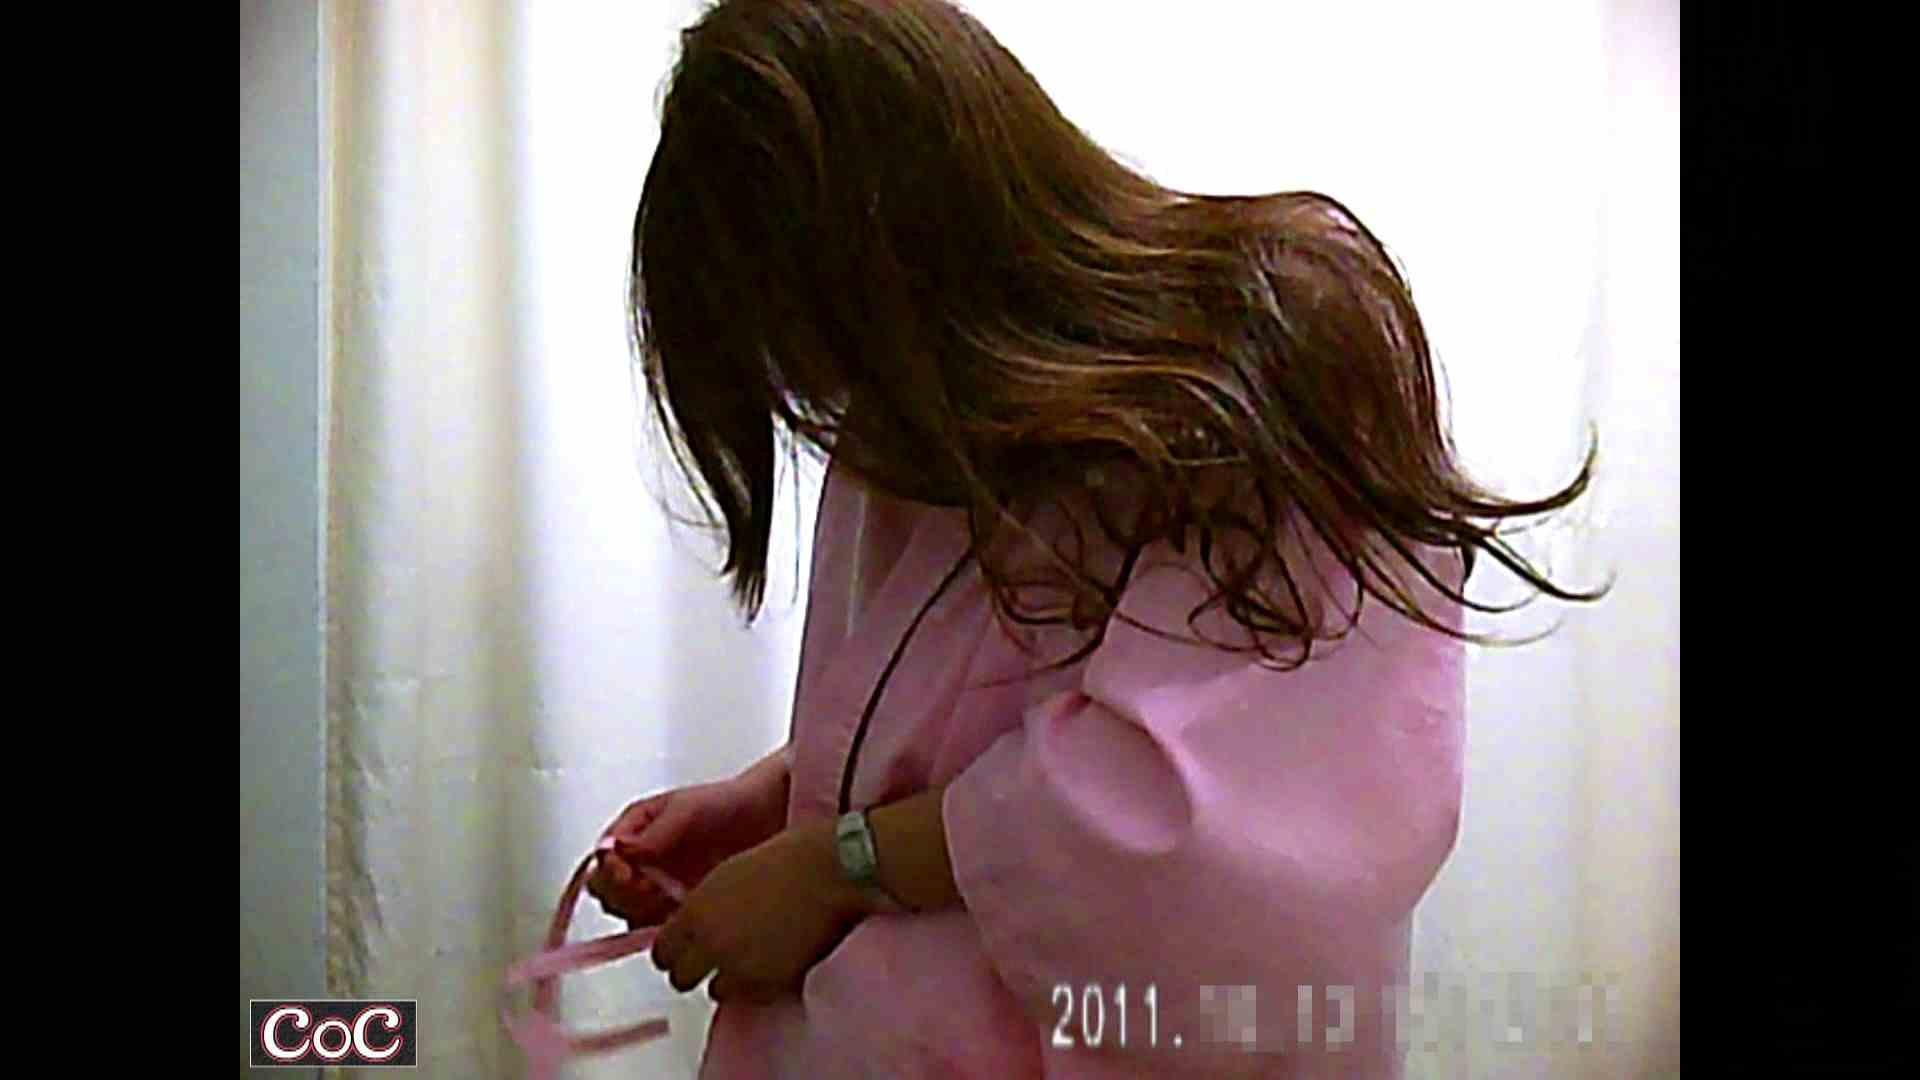 病院おもいっきり着替え! vol.58 乳首ポロリ 覗きオメコ動画キャプチャ 95画像 68